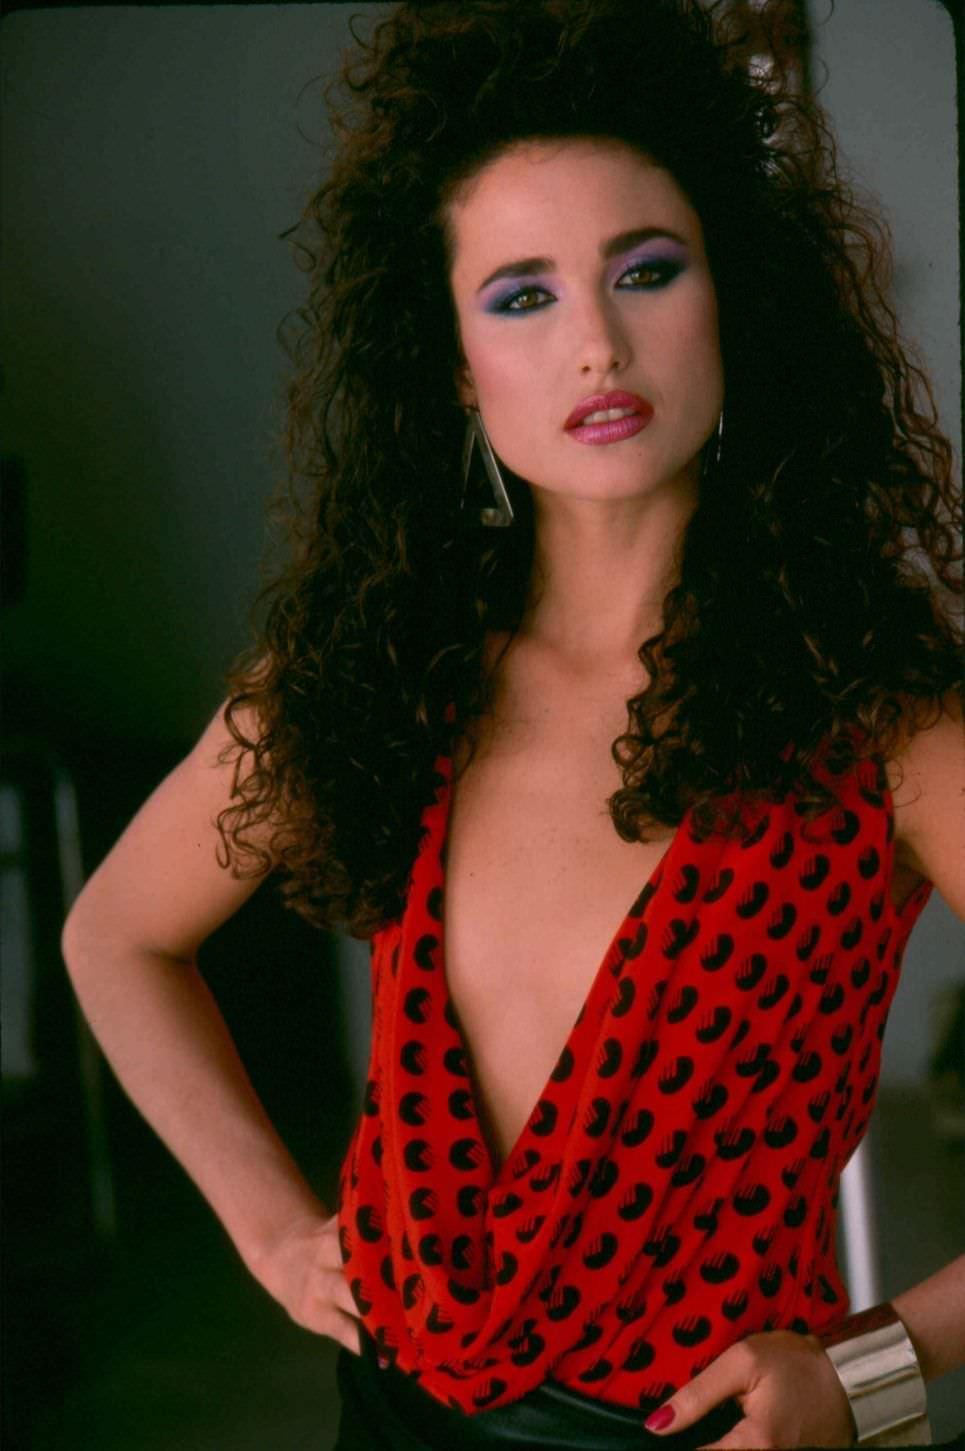 Энди МакДауэлл фото с ярким макияжем